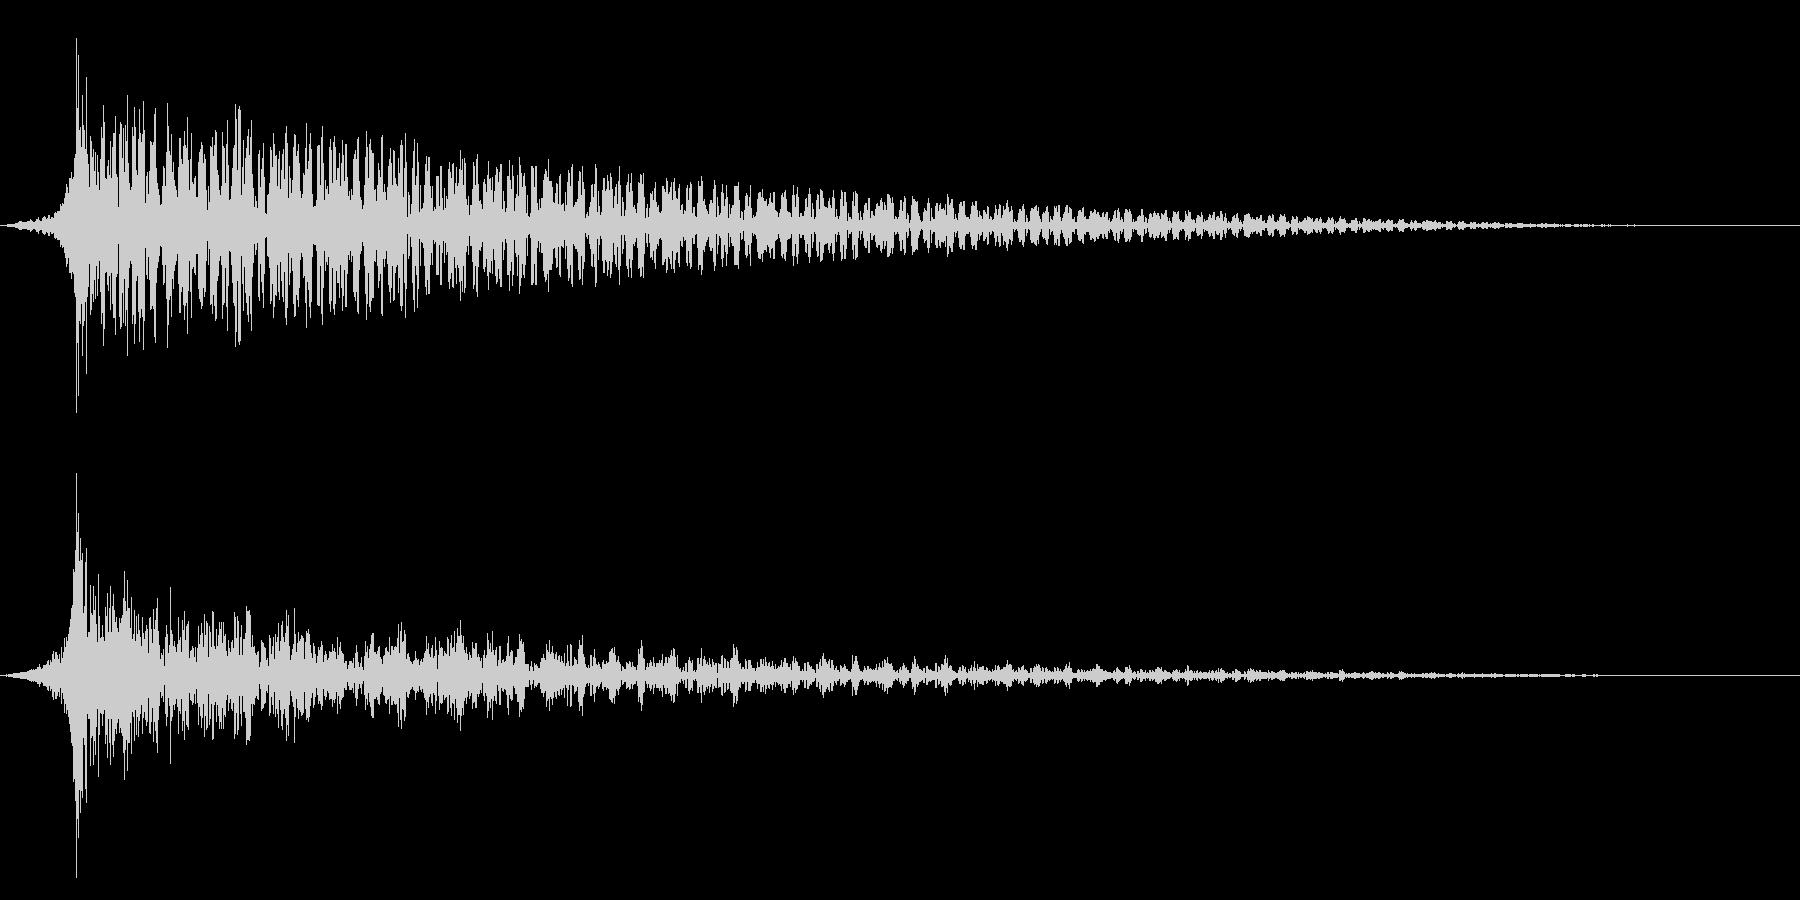 ホラー系アタック音89の未再生の波形